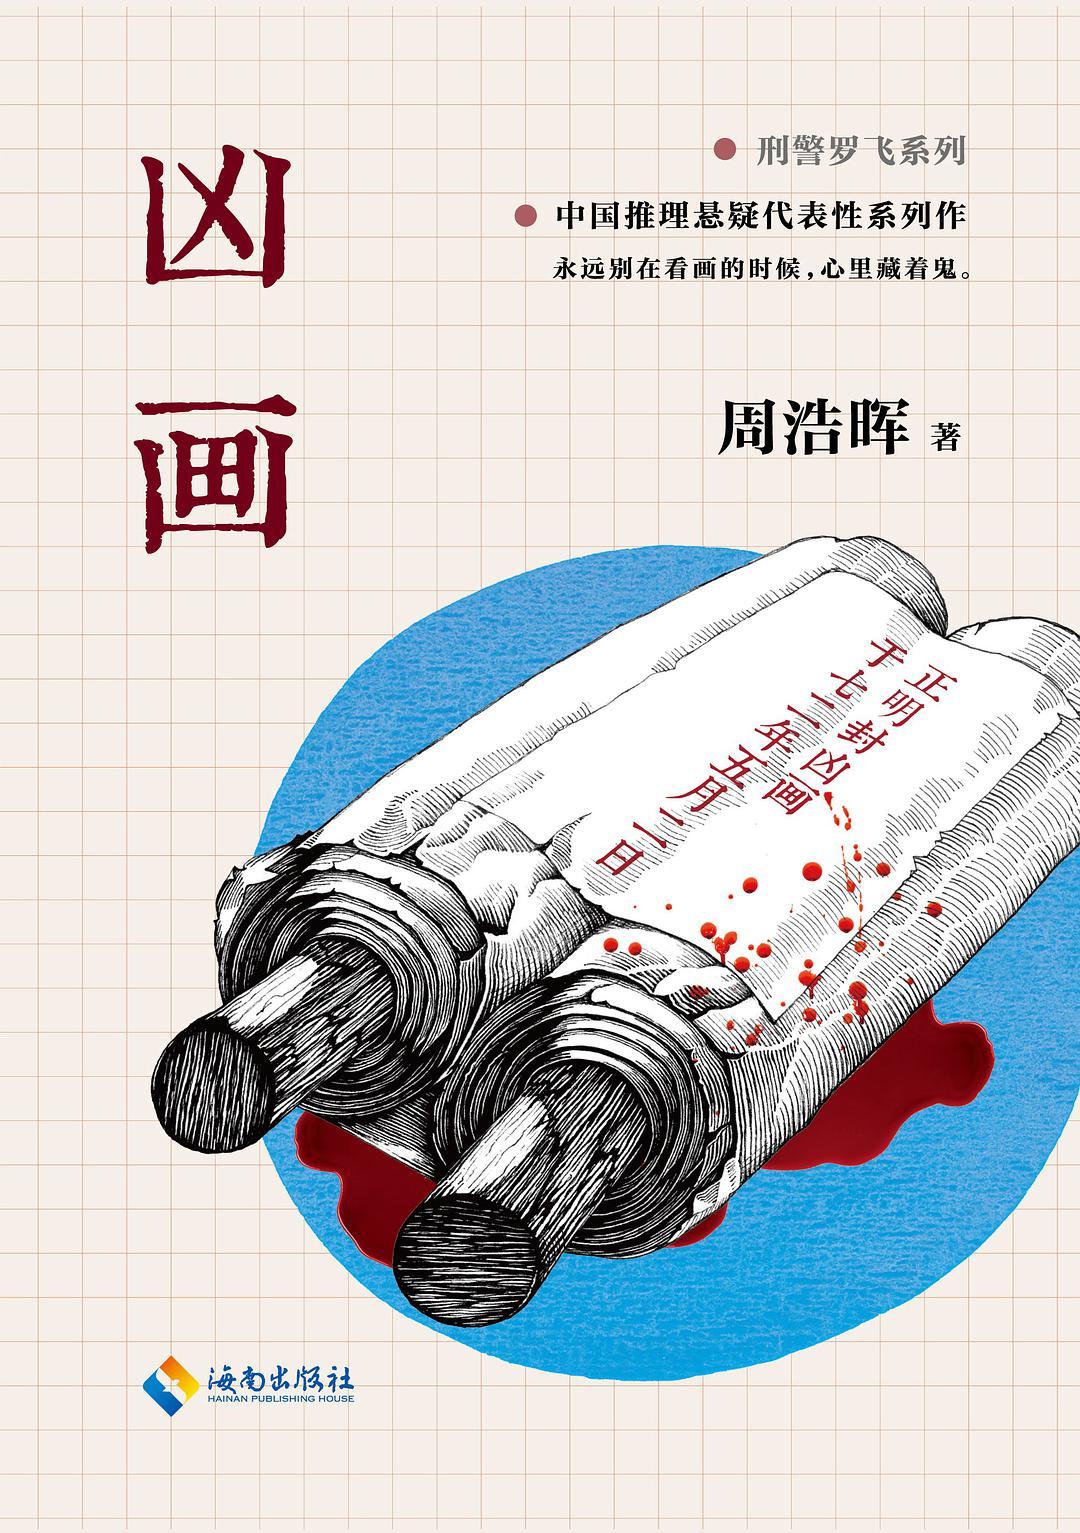 凶画 (中文 language, 海南出版社)